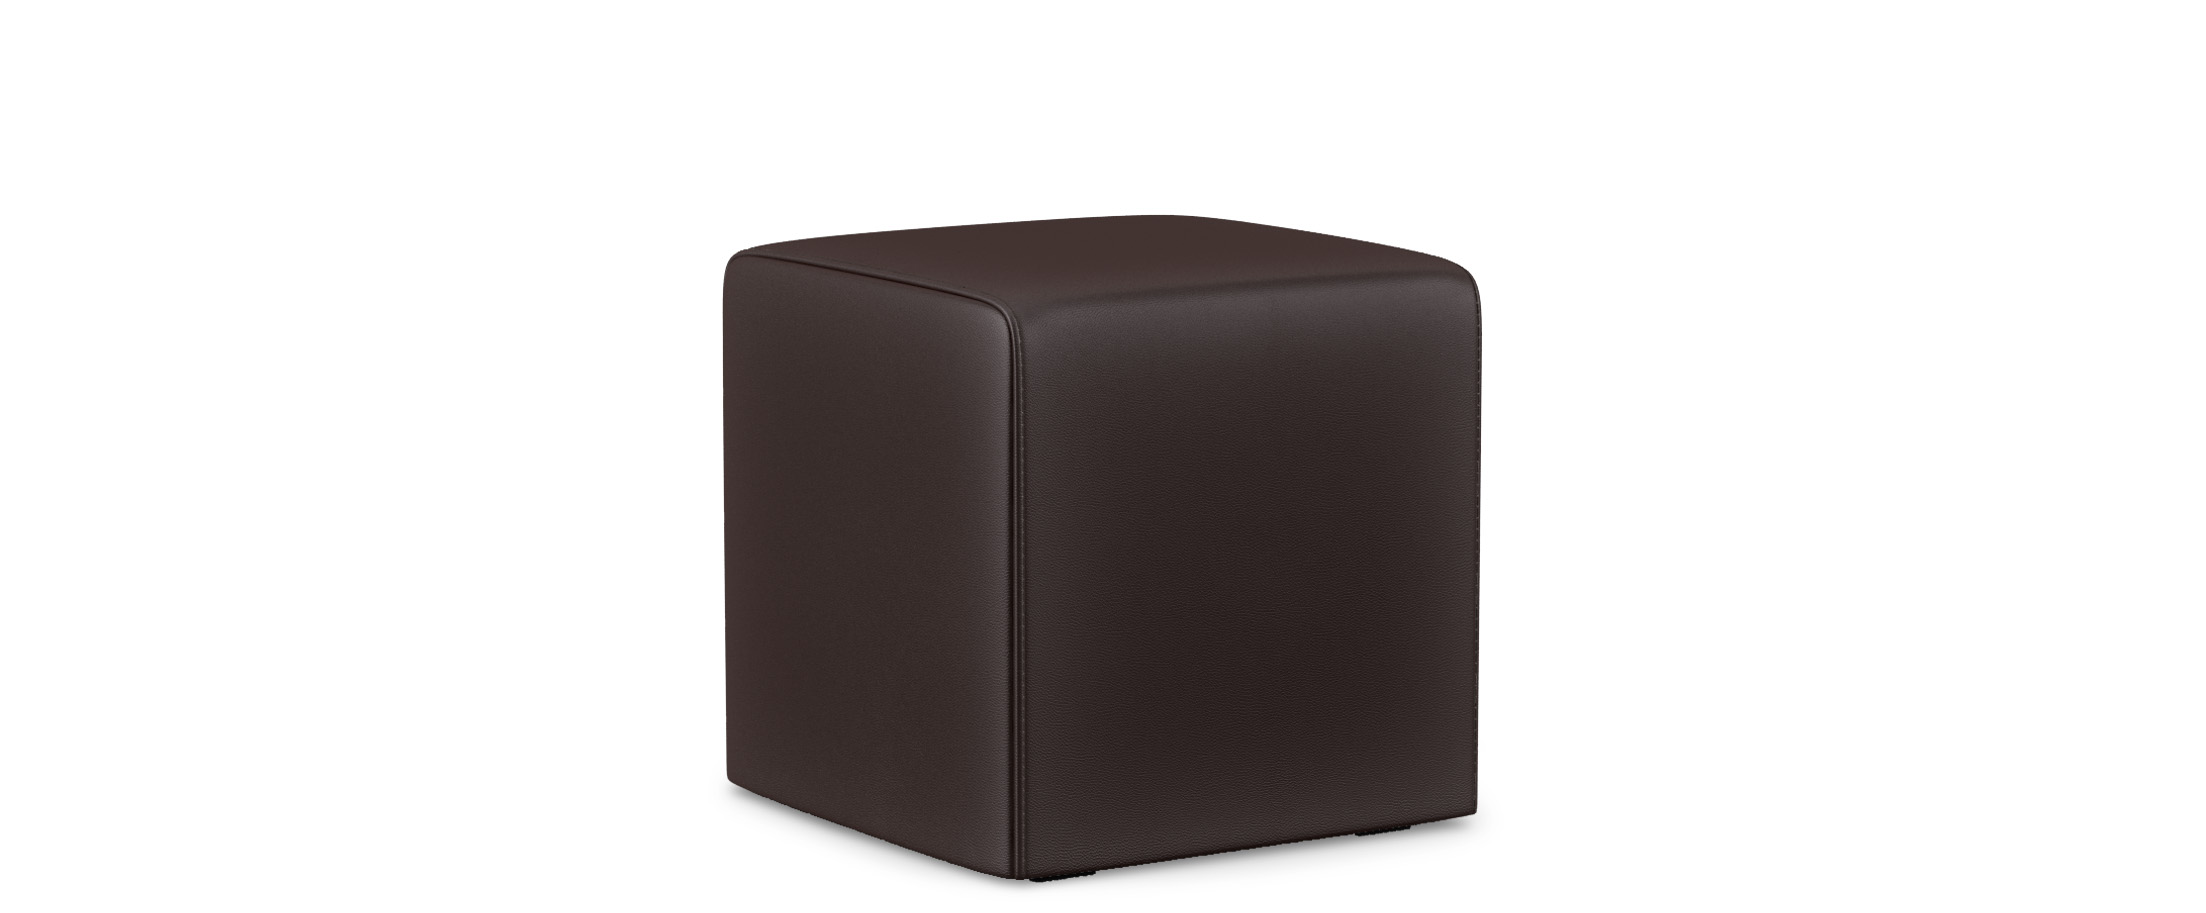 Пуф кубКупить квадратный пуф из экокожи Модель 010 от производителя. Доставка от 1 дня. Гарантия 18 месяцев. Интернет-магазин мебели MOON TRADE.